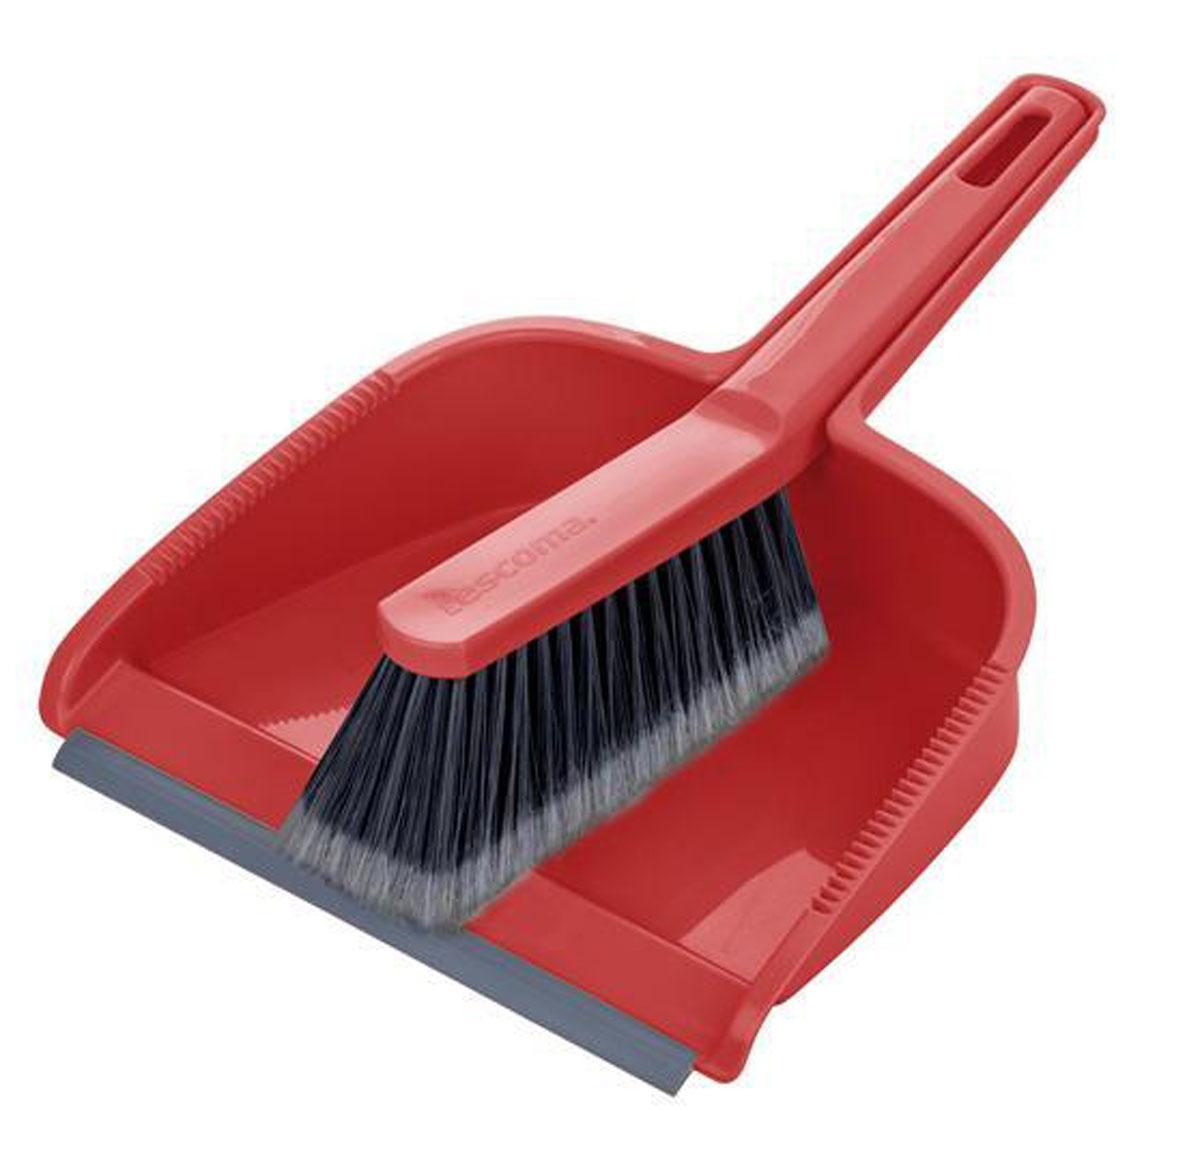 Набор для уборки Tescoma Clean Kit, цвет: красный, 2 предмета.19201Набор для уборки Tescoma Clean Kit состоит из совка и щетки, изготовленных извысококачественного пластика. Вместительный совок удерживаетсобранный мусор, позволяет эффективно и быстро совершать уборку в любомпомещении. Прорезиненный край совка обеспечивает наиболее плотное прилегание к полу. Щетка имеет удобную форму, позволяющую вымести мусор даже из труднодоступных мест. Совок и щетка оснащены ручками с отверстиямидля подвешивания. С набором Tescoma Clean Kit уборка станет легче и приятнее.Общая длина щетки: 25 см.Размер рабочей части щетки: 12,5 см х 4,5 см х 5,5 см.Общая длина совка: 29,5 см.Размер рабочей части совка: 21,5 см х 17,5 см х 6 см.